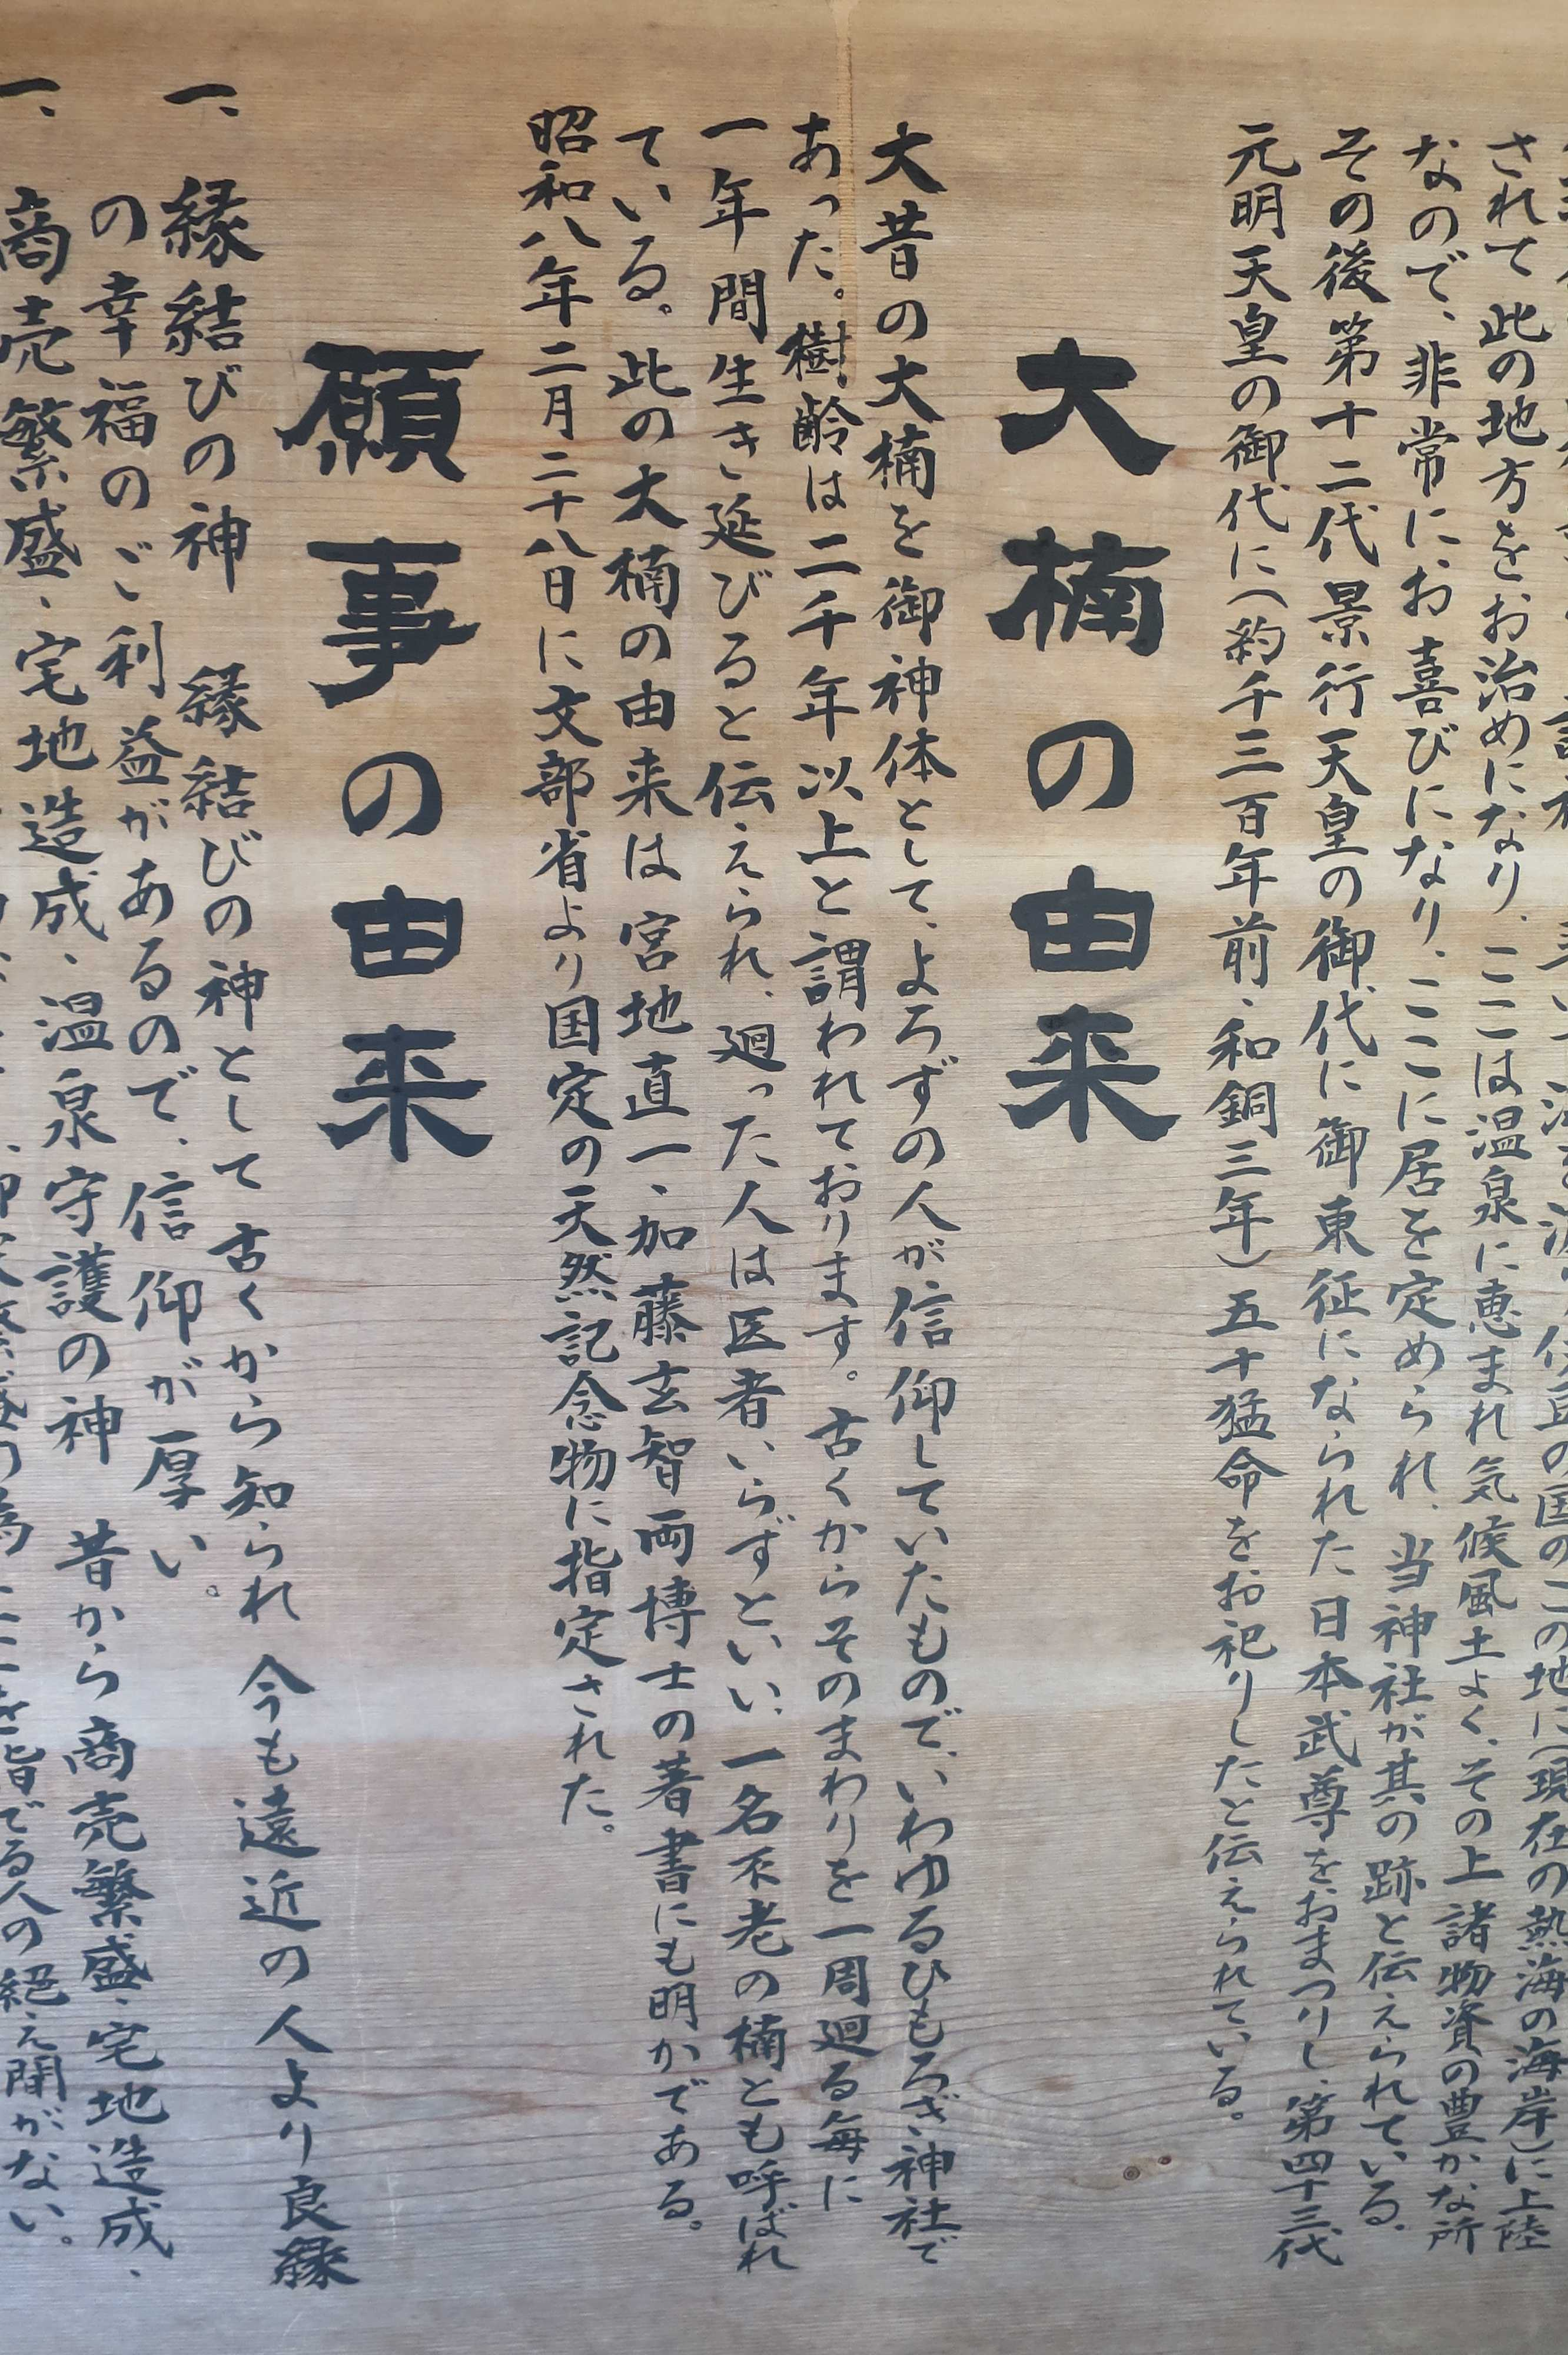 来宮神社 - 大樟の由来